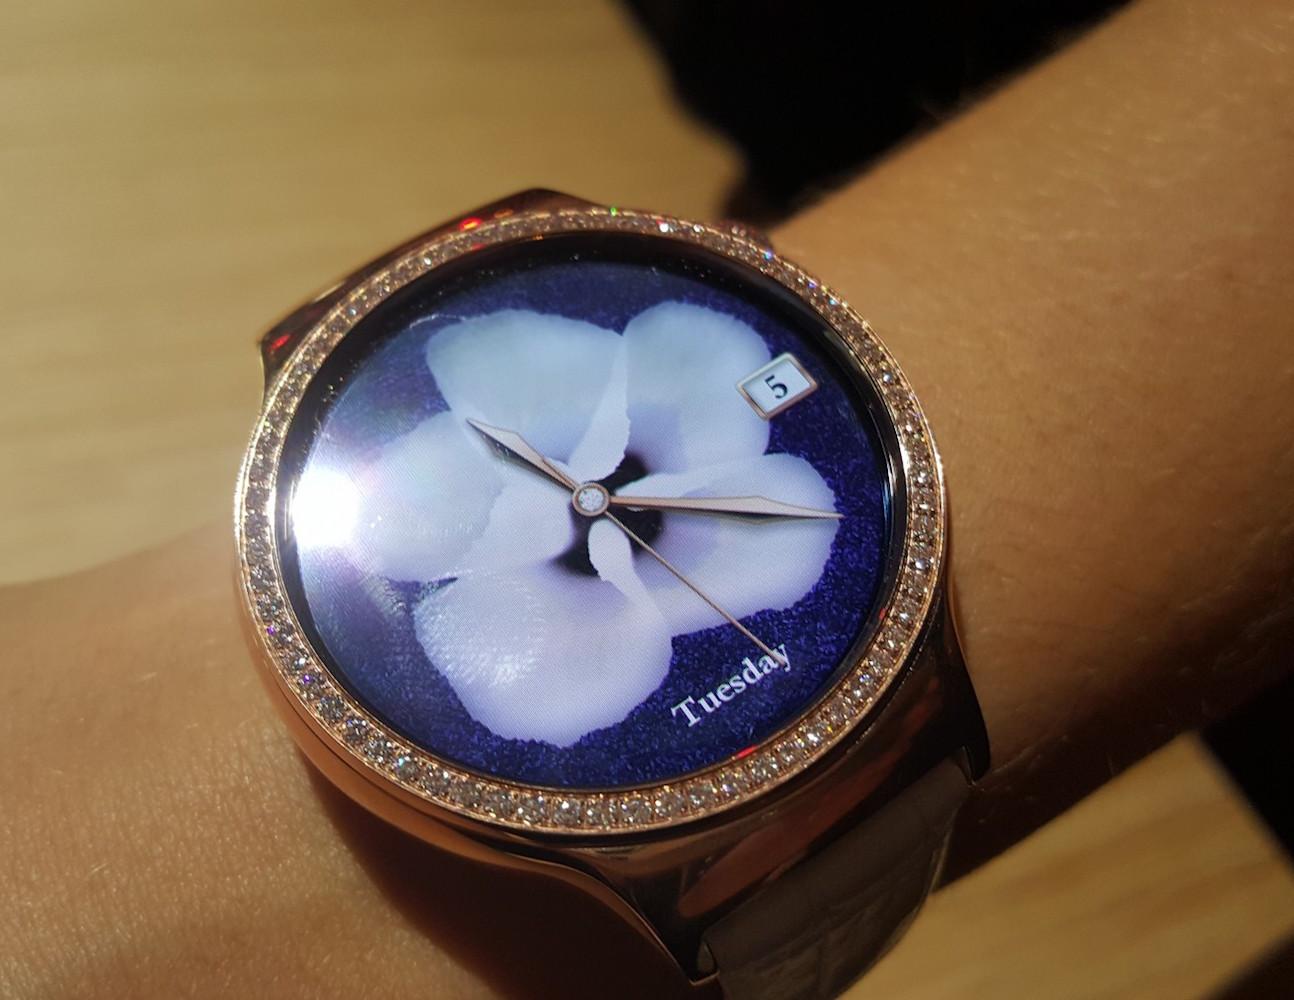 huawei-watch-fashionable-smartwatches-04